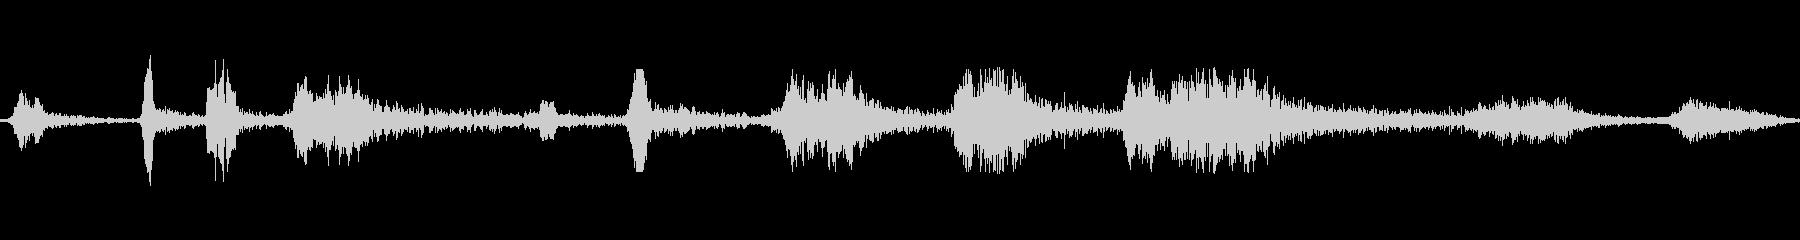 うなるクジラのうめき声の未再生の波形